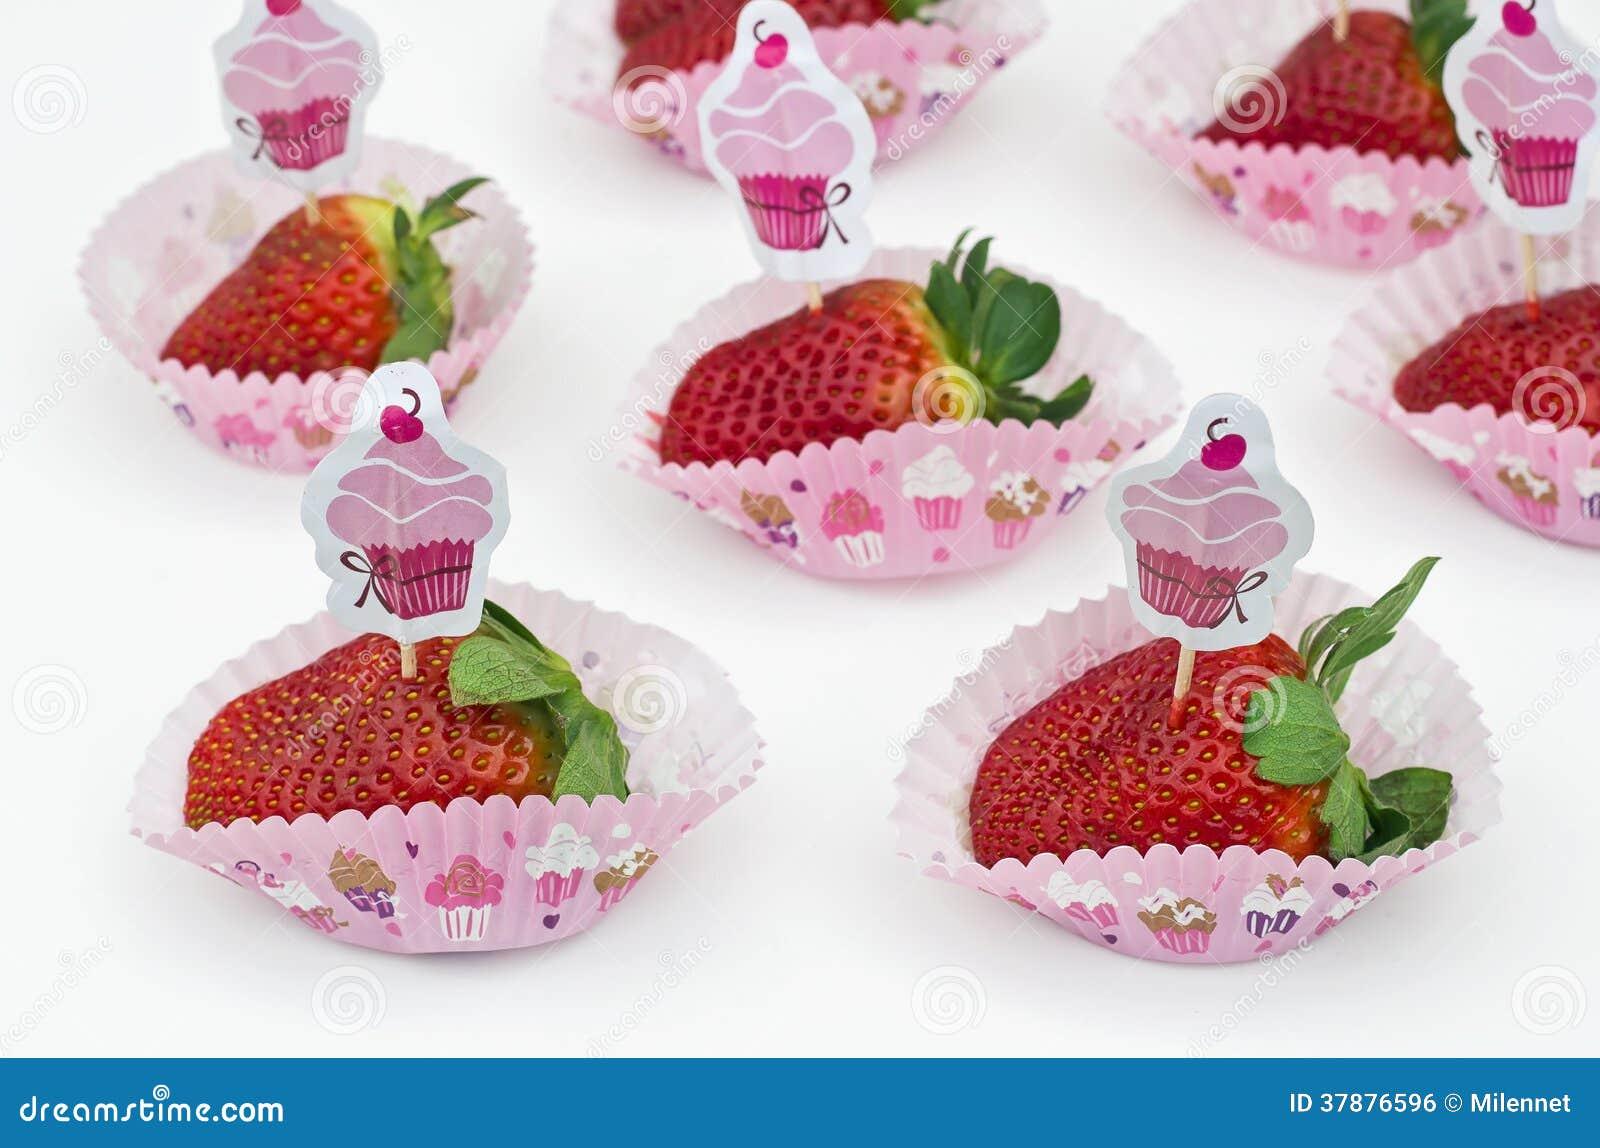 Aardbeien - Cupcakes